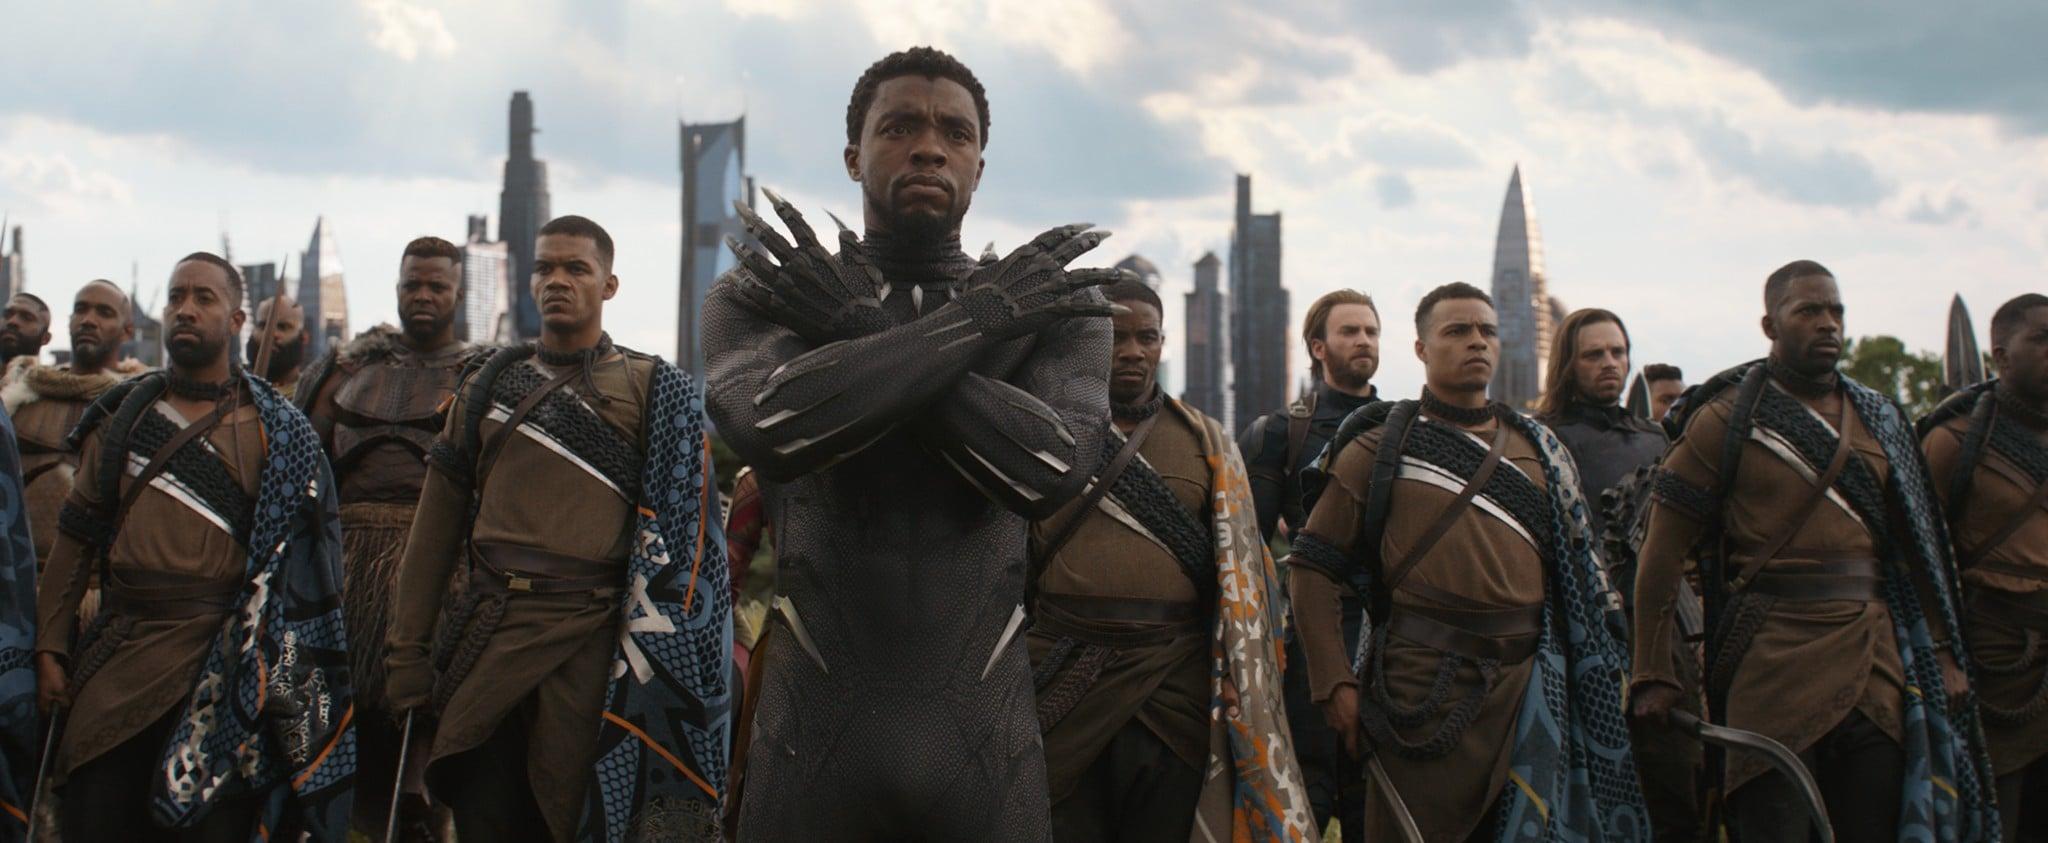 إن كنتم تتحرّقون شوقاً لمشاهدة نسخة جديدة من فيلم Black Panther الشهير، فسيلبّي لكم الجزء القادم هذا رغبتكم تلك بالتأكيد